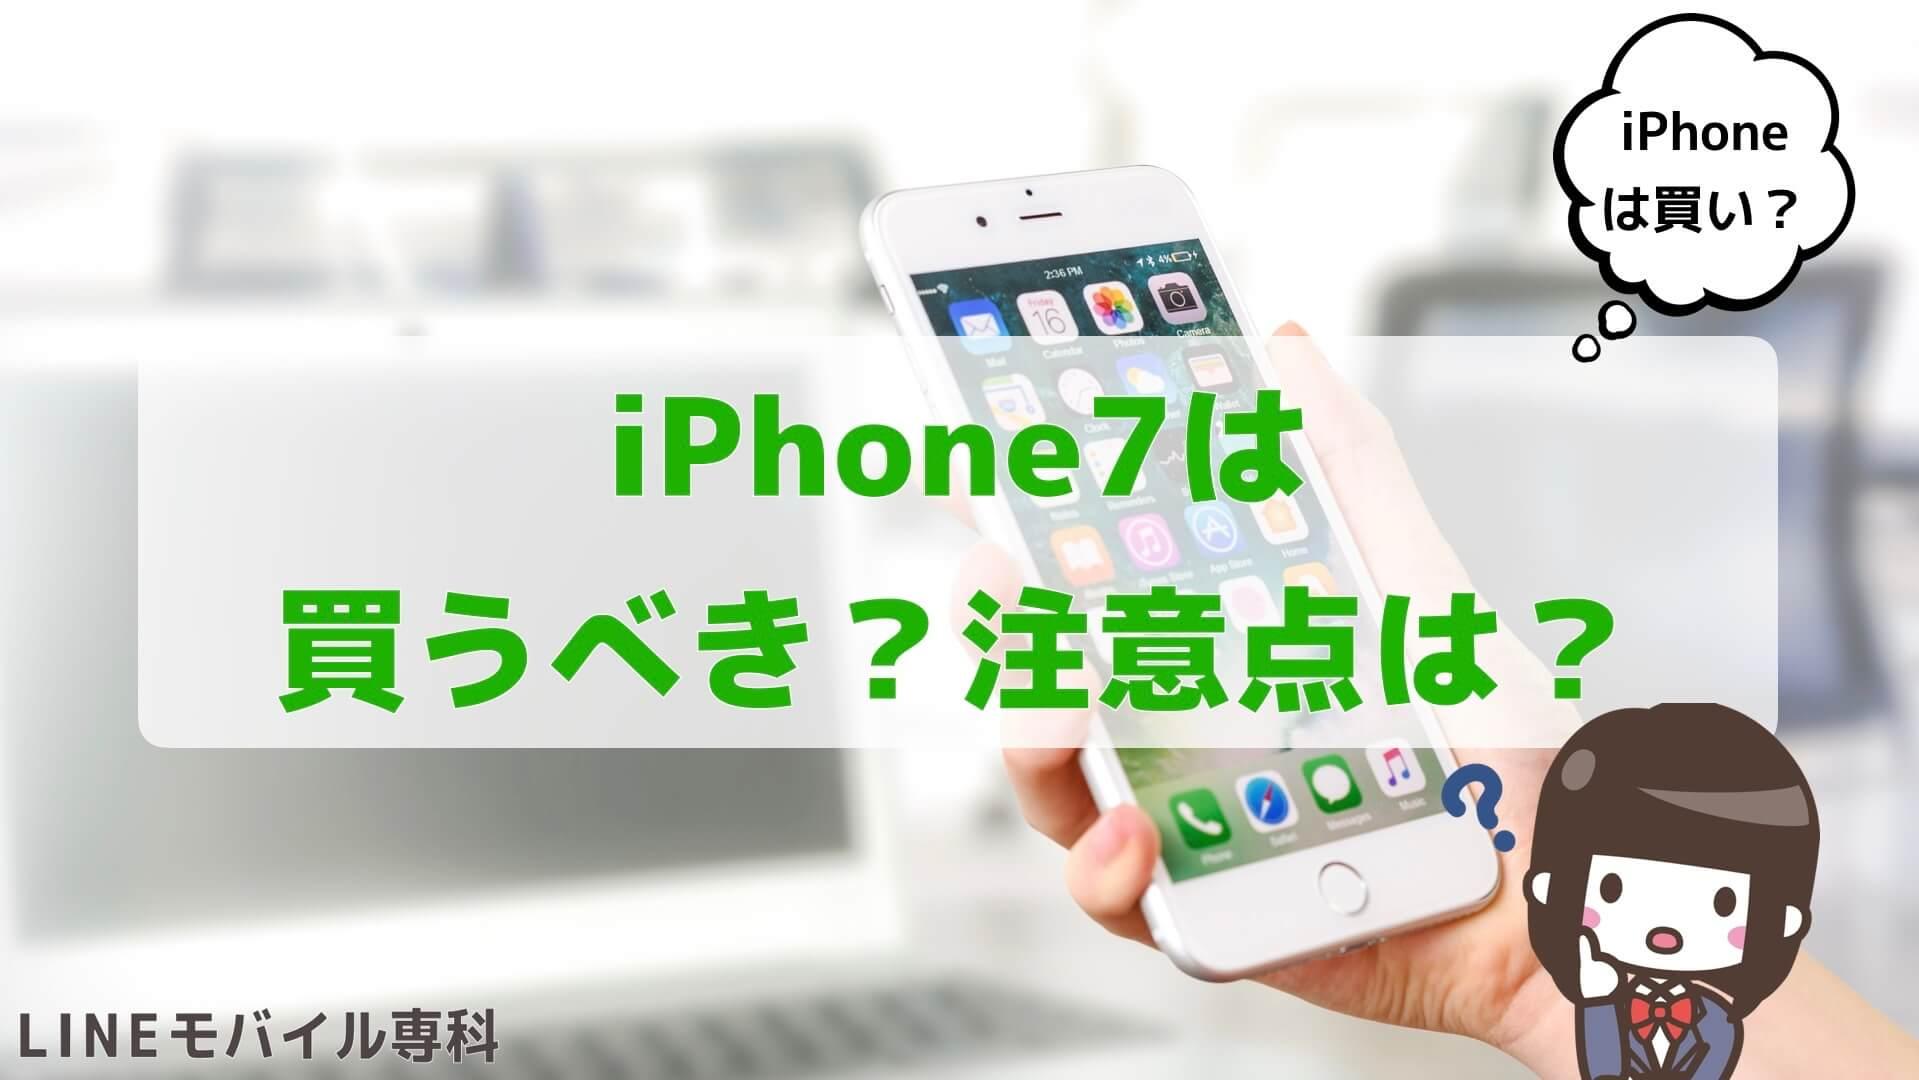 LINEモバイルのiPhone7は安い?